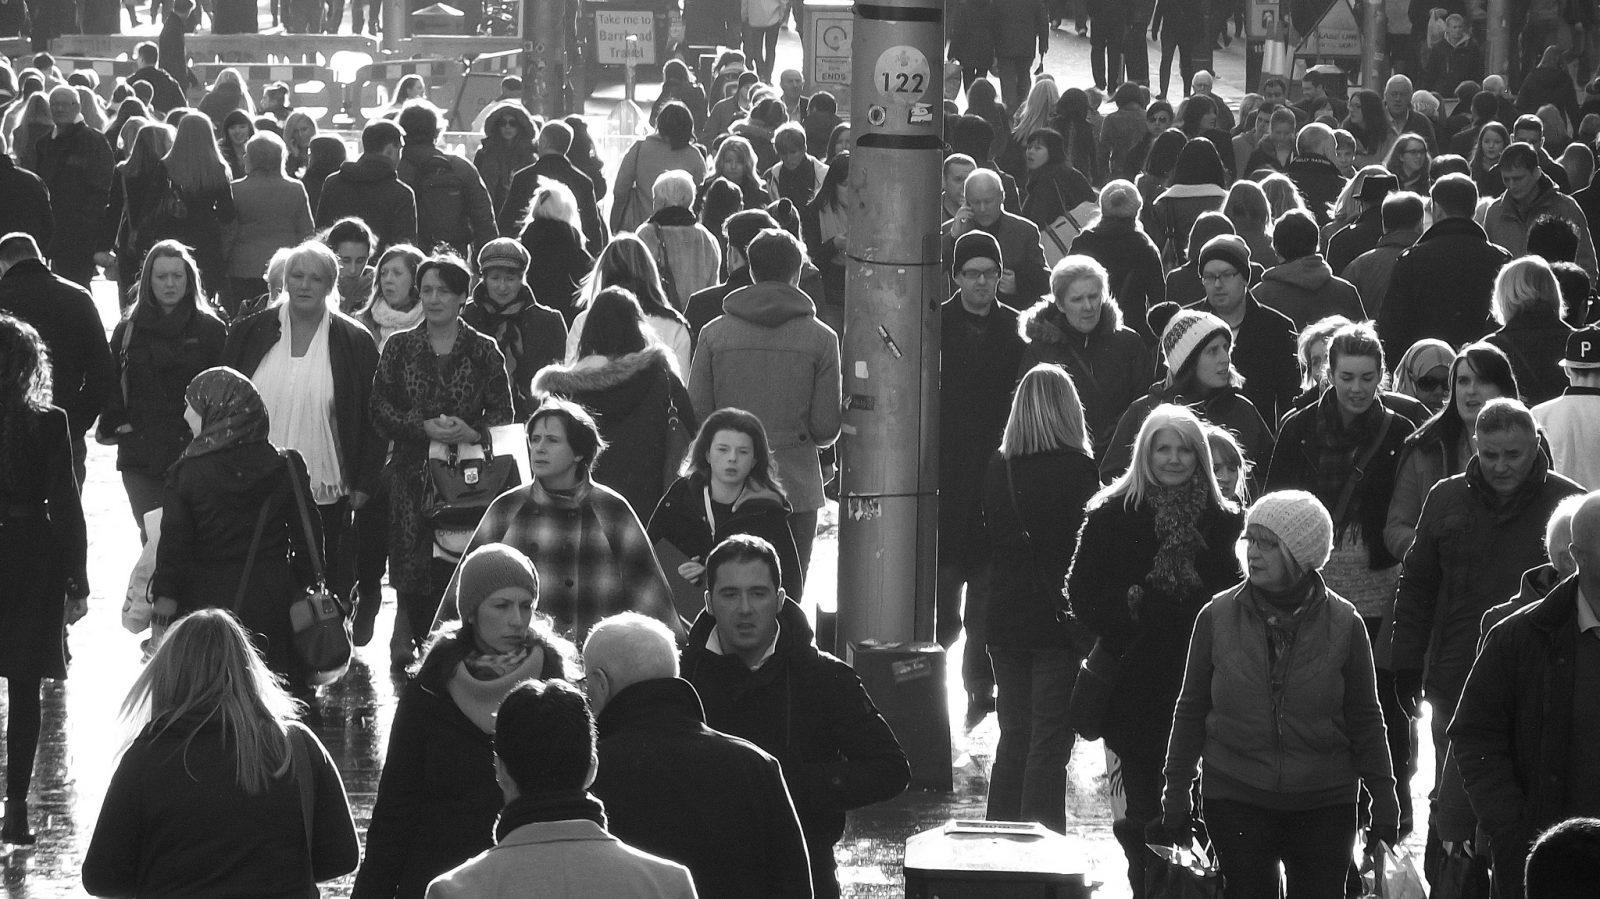 Sumienia publiczne – co to takiego i komu ma służyć?